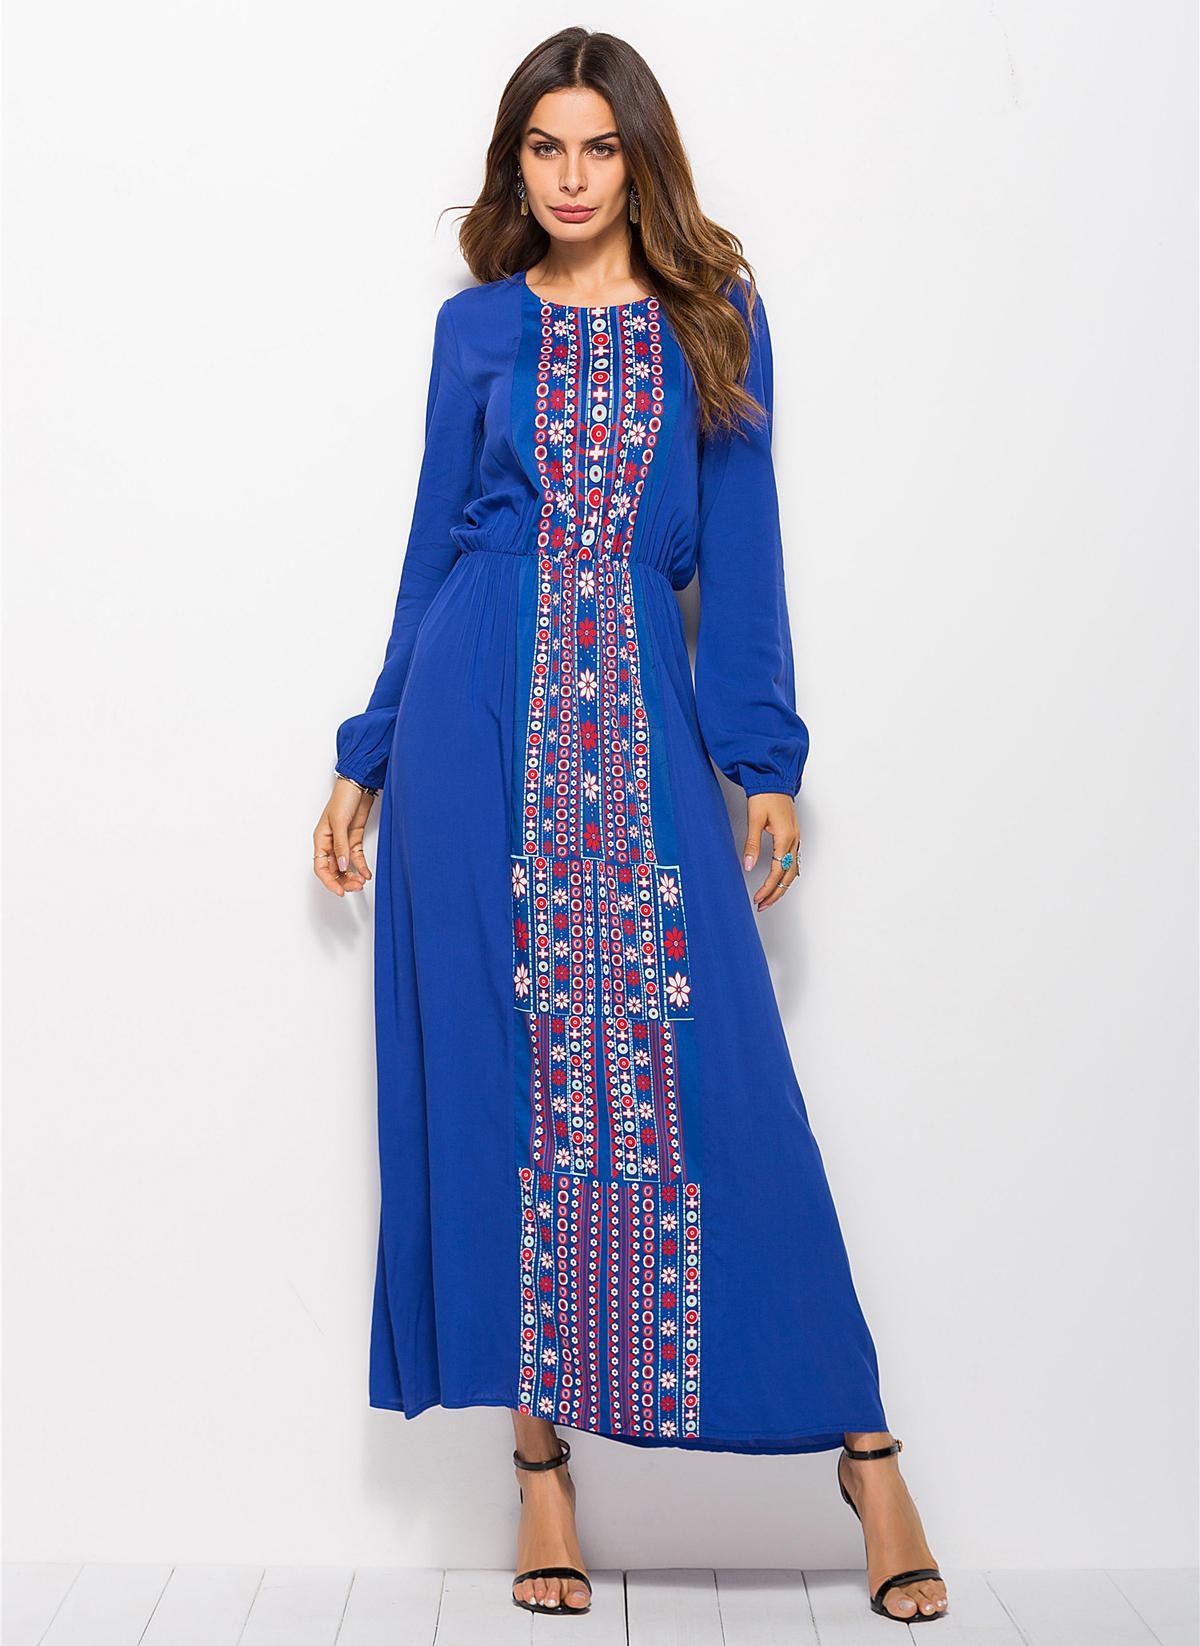 Image 4 - Stylish Muslim Abaya Print Maxi Dress Long Sleeve Long Dress  Ethnic Kimono Dresses Ramadan Middle East Arabic Islamic  ClothingIslamic Clothing